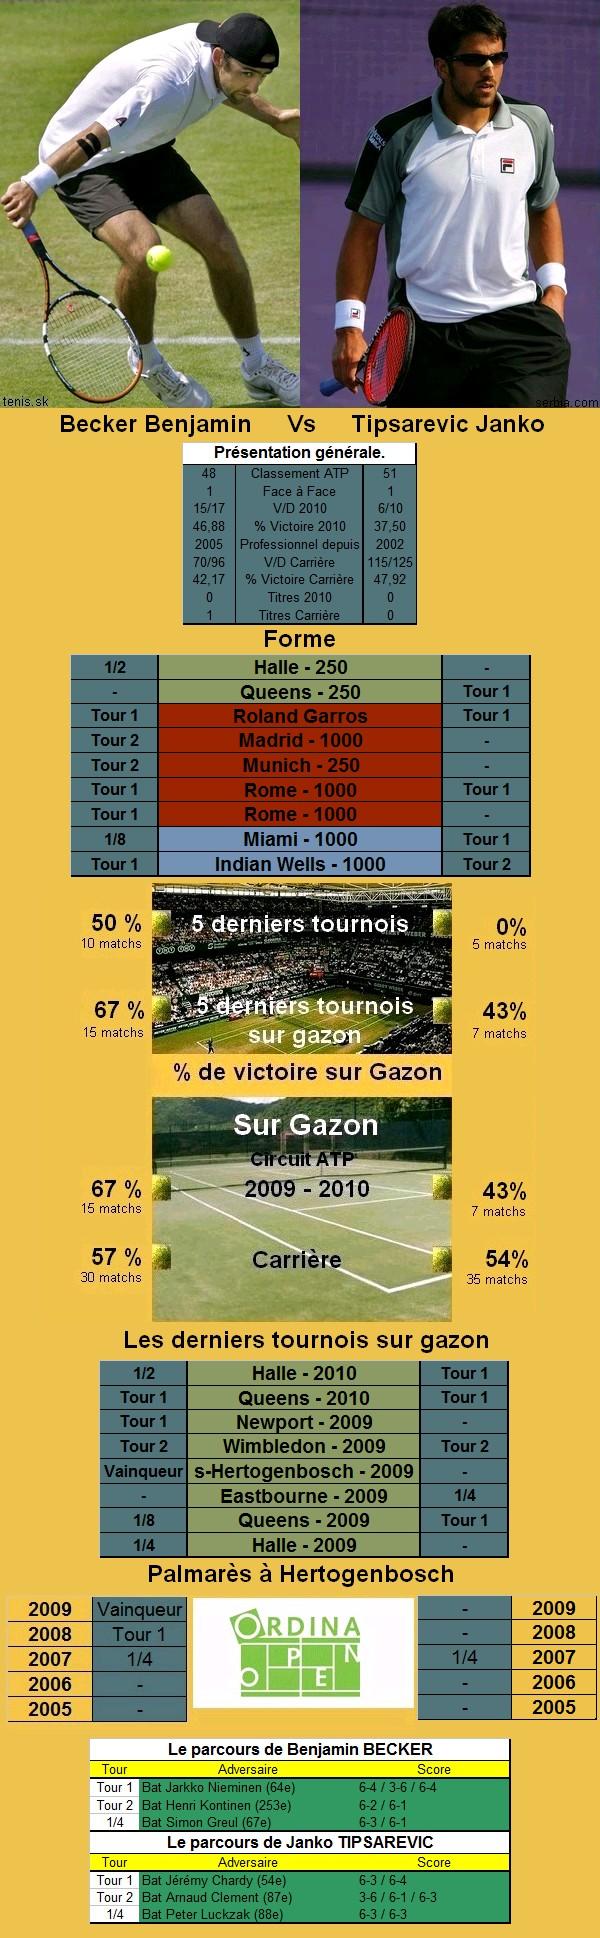 Statistiques tennis de Becker contre Tipsarevic à s'hertogenbosch